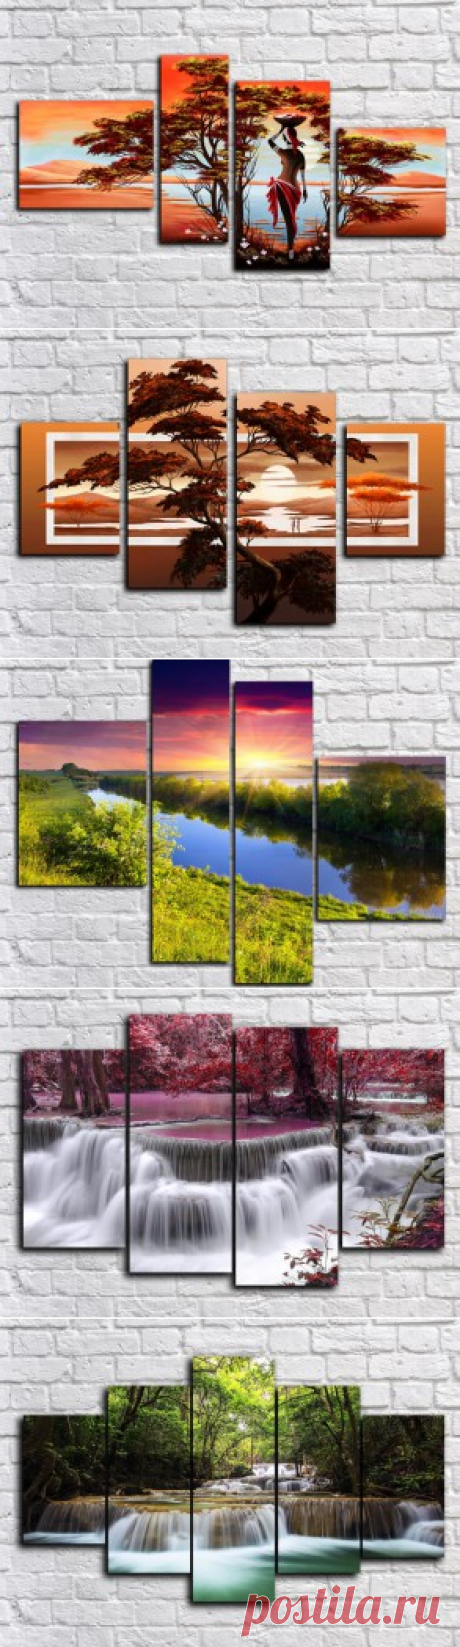 Купить модульные картины природа + подарок всем!